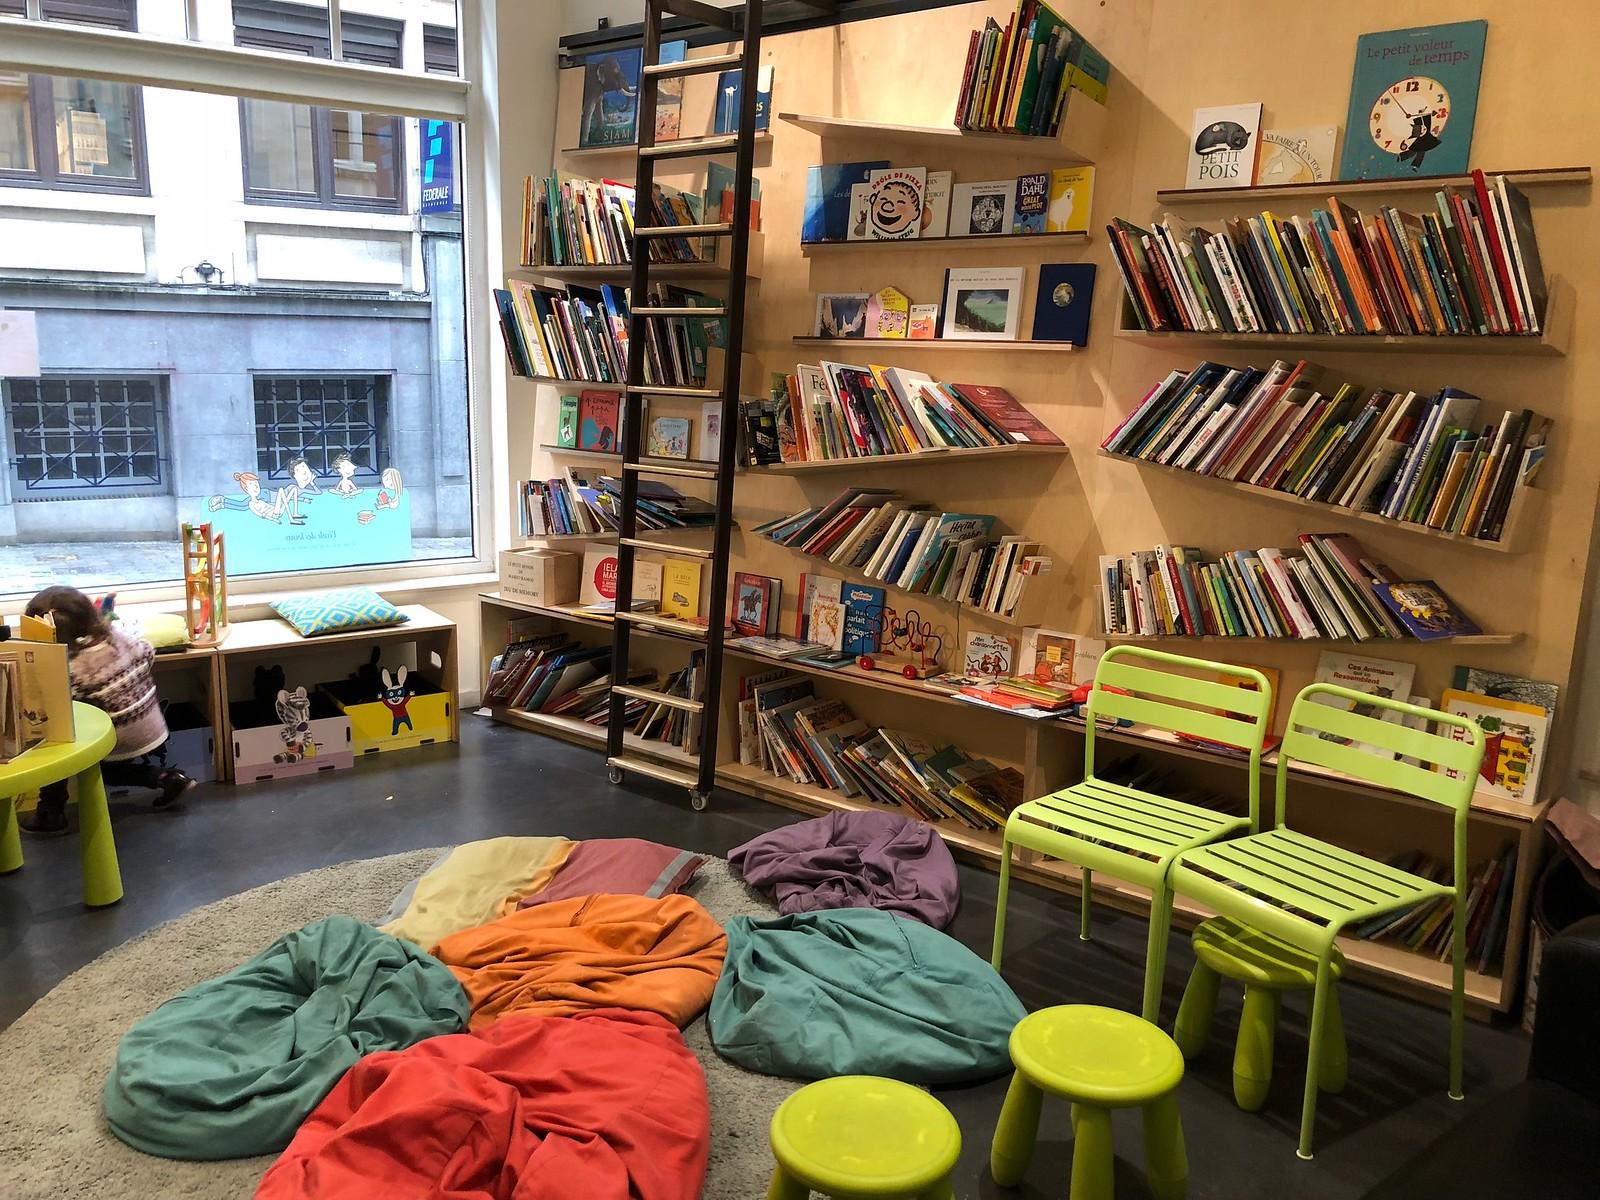 La sala trasera, repleta de libros y juegos para alegría de los más pequeños